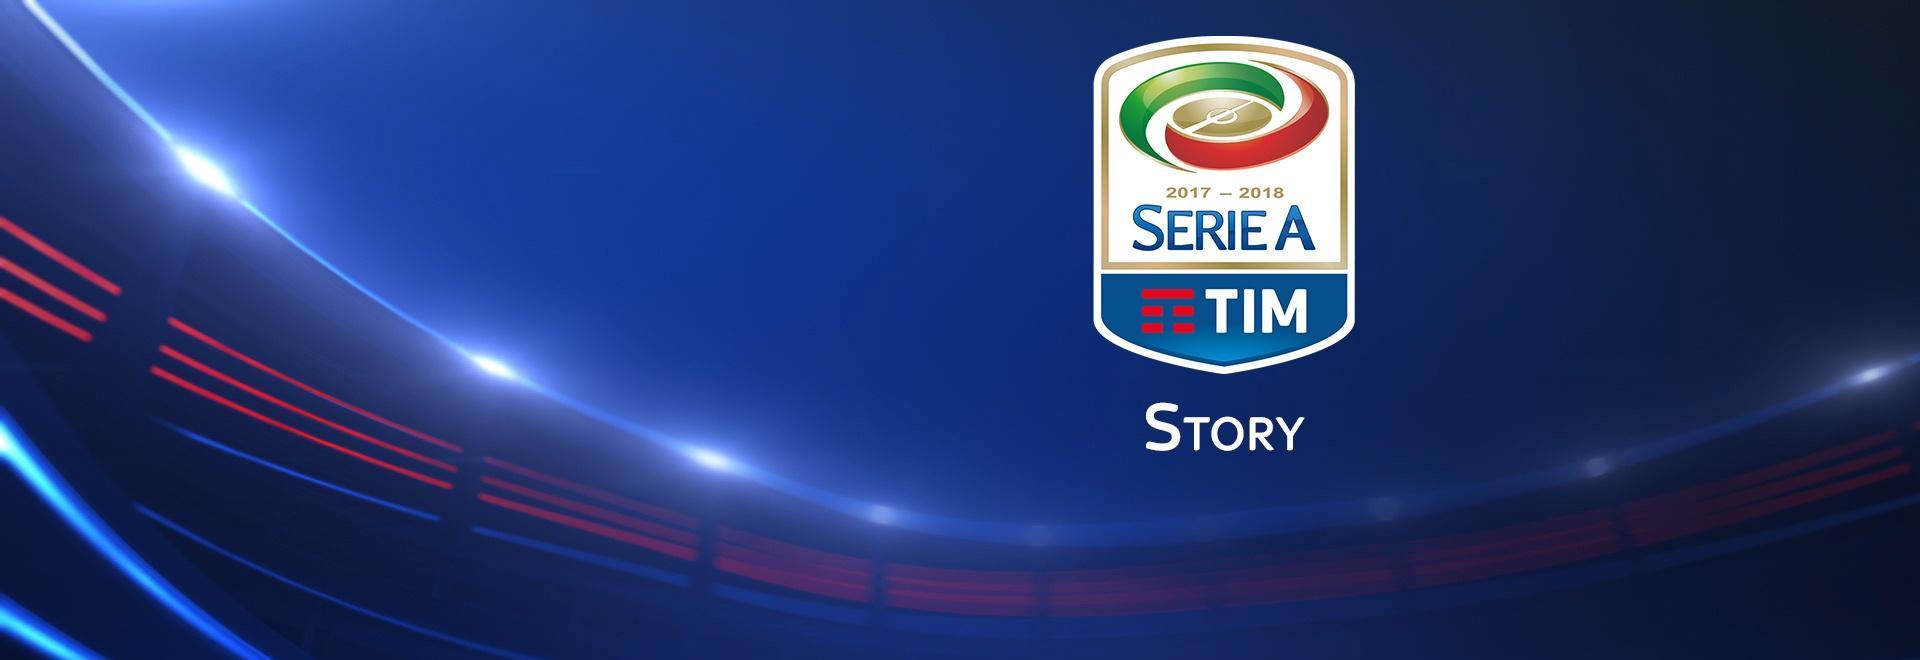 Inter - Napoli 06/01/11